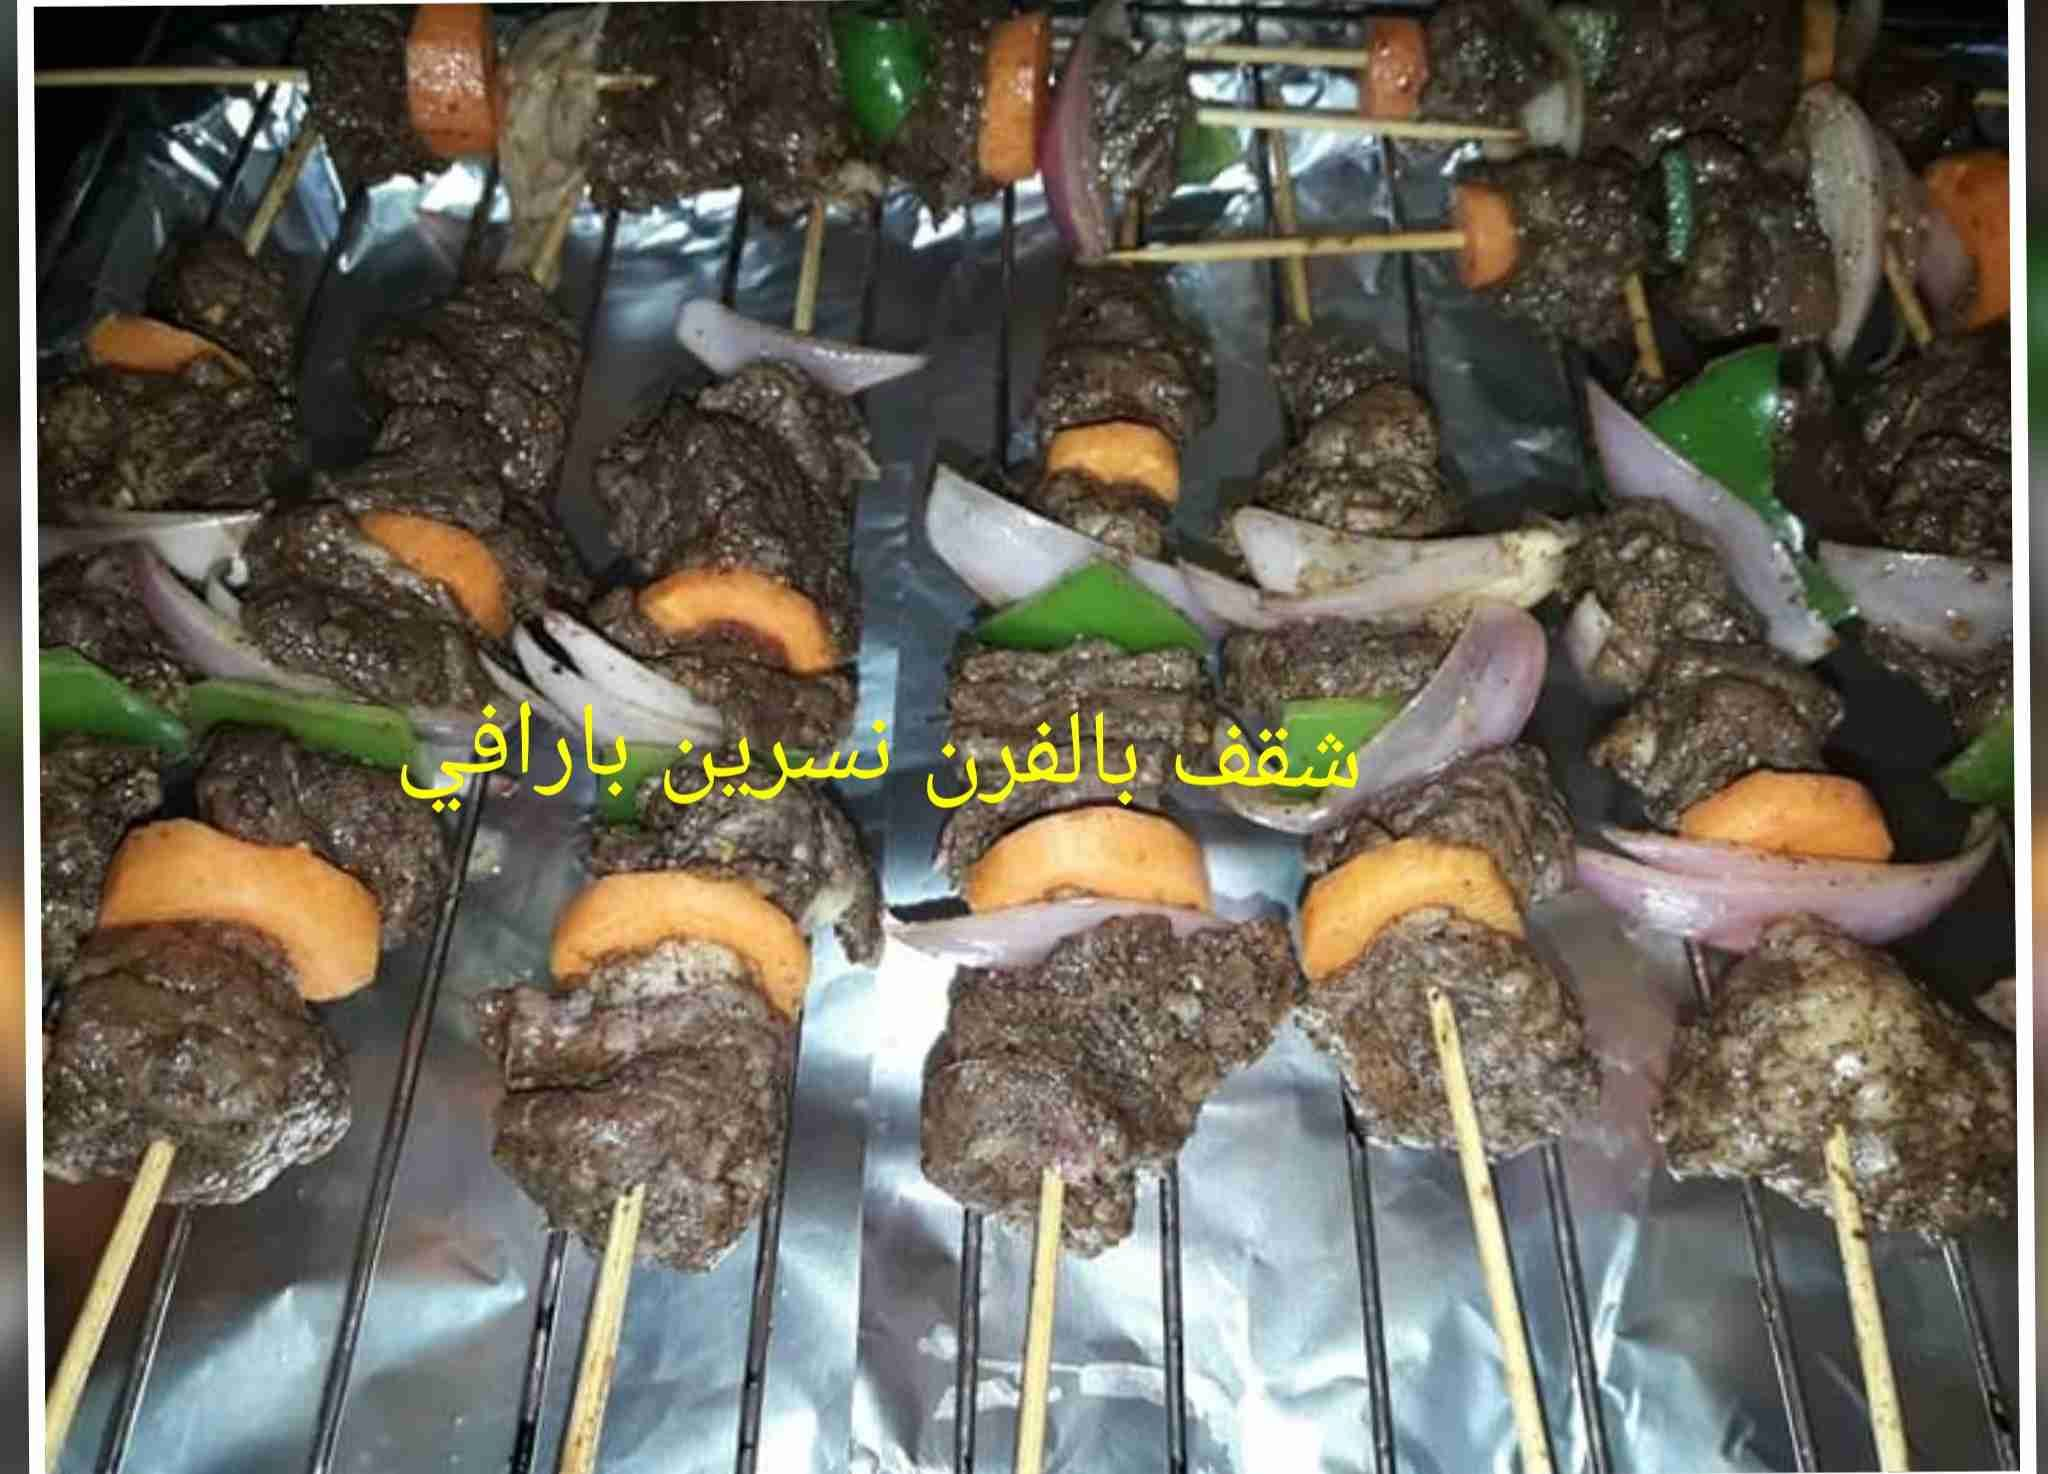 شقف وكباب مشوية بالفرن ملكة الأكلات السورية زاكي Recipe Main Dishes Dishes Food